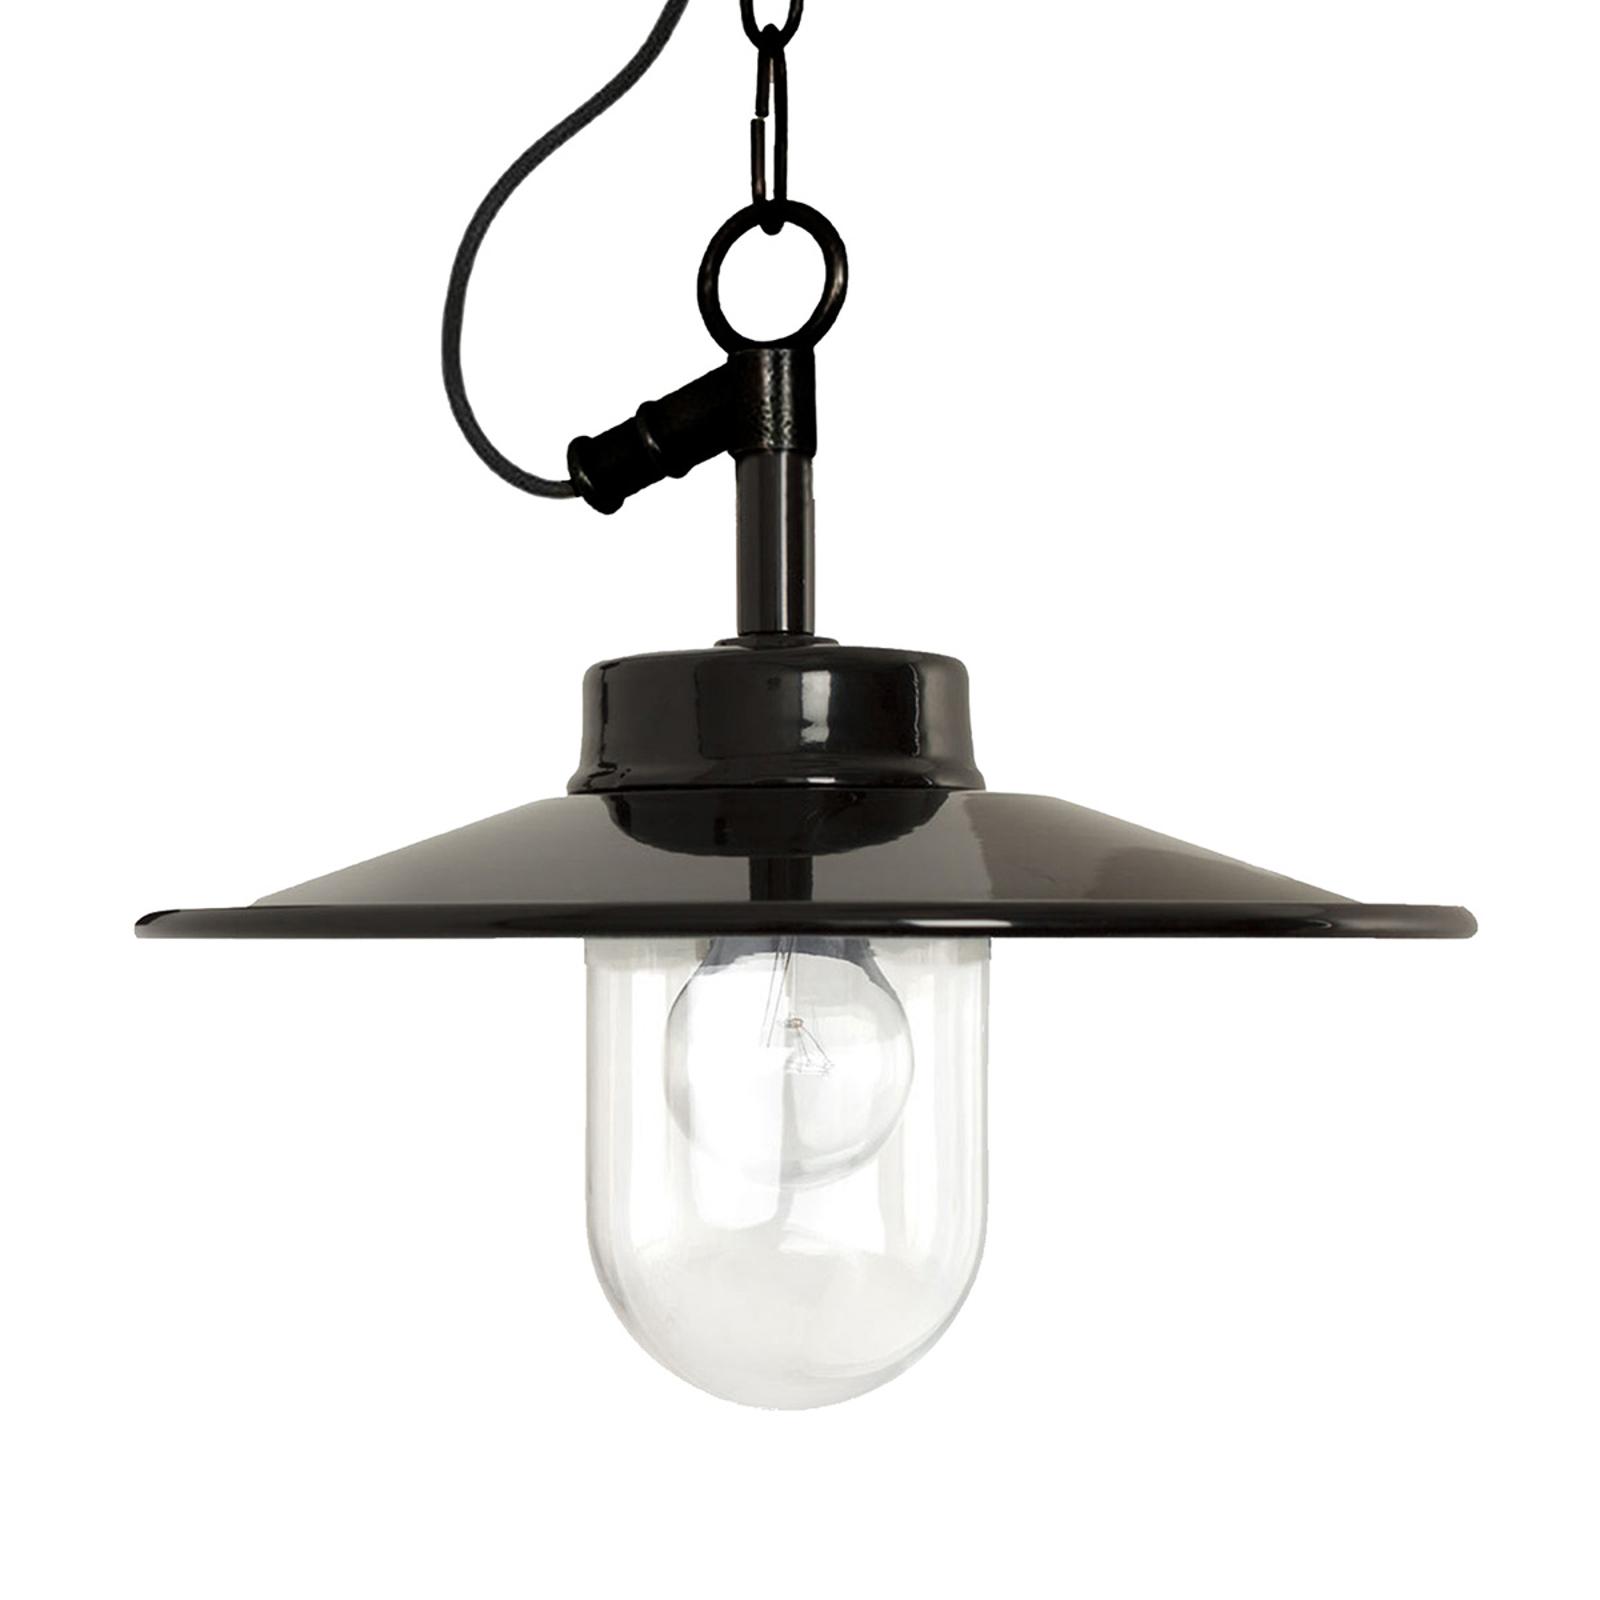 Industrieel ontworpen hanglamp Vita